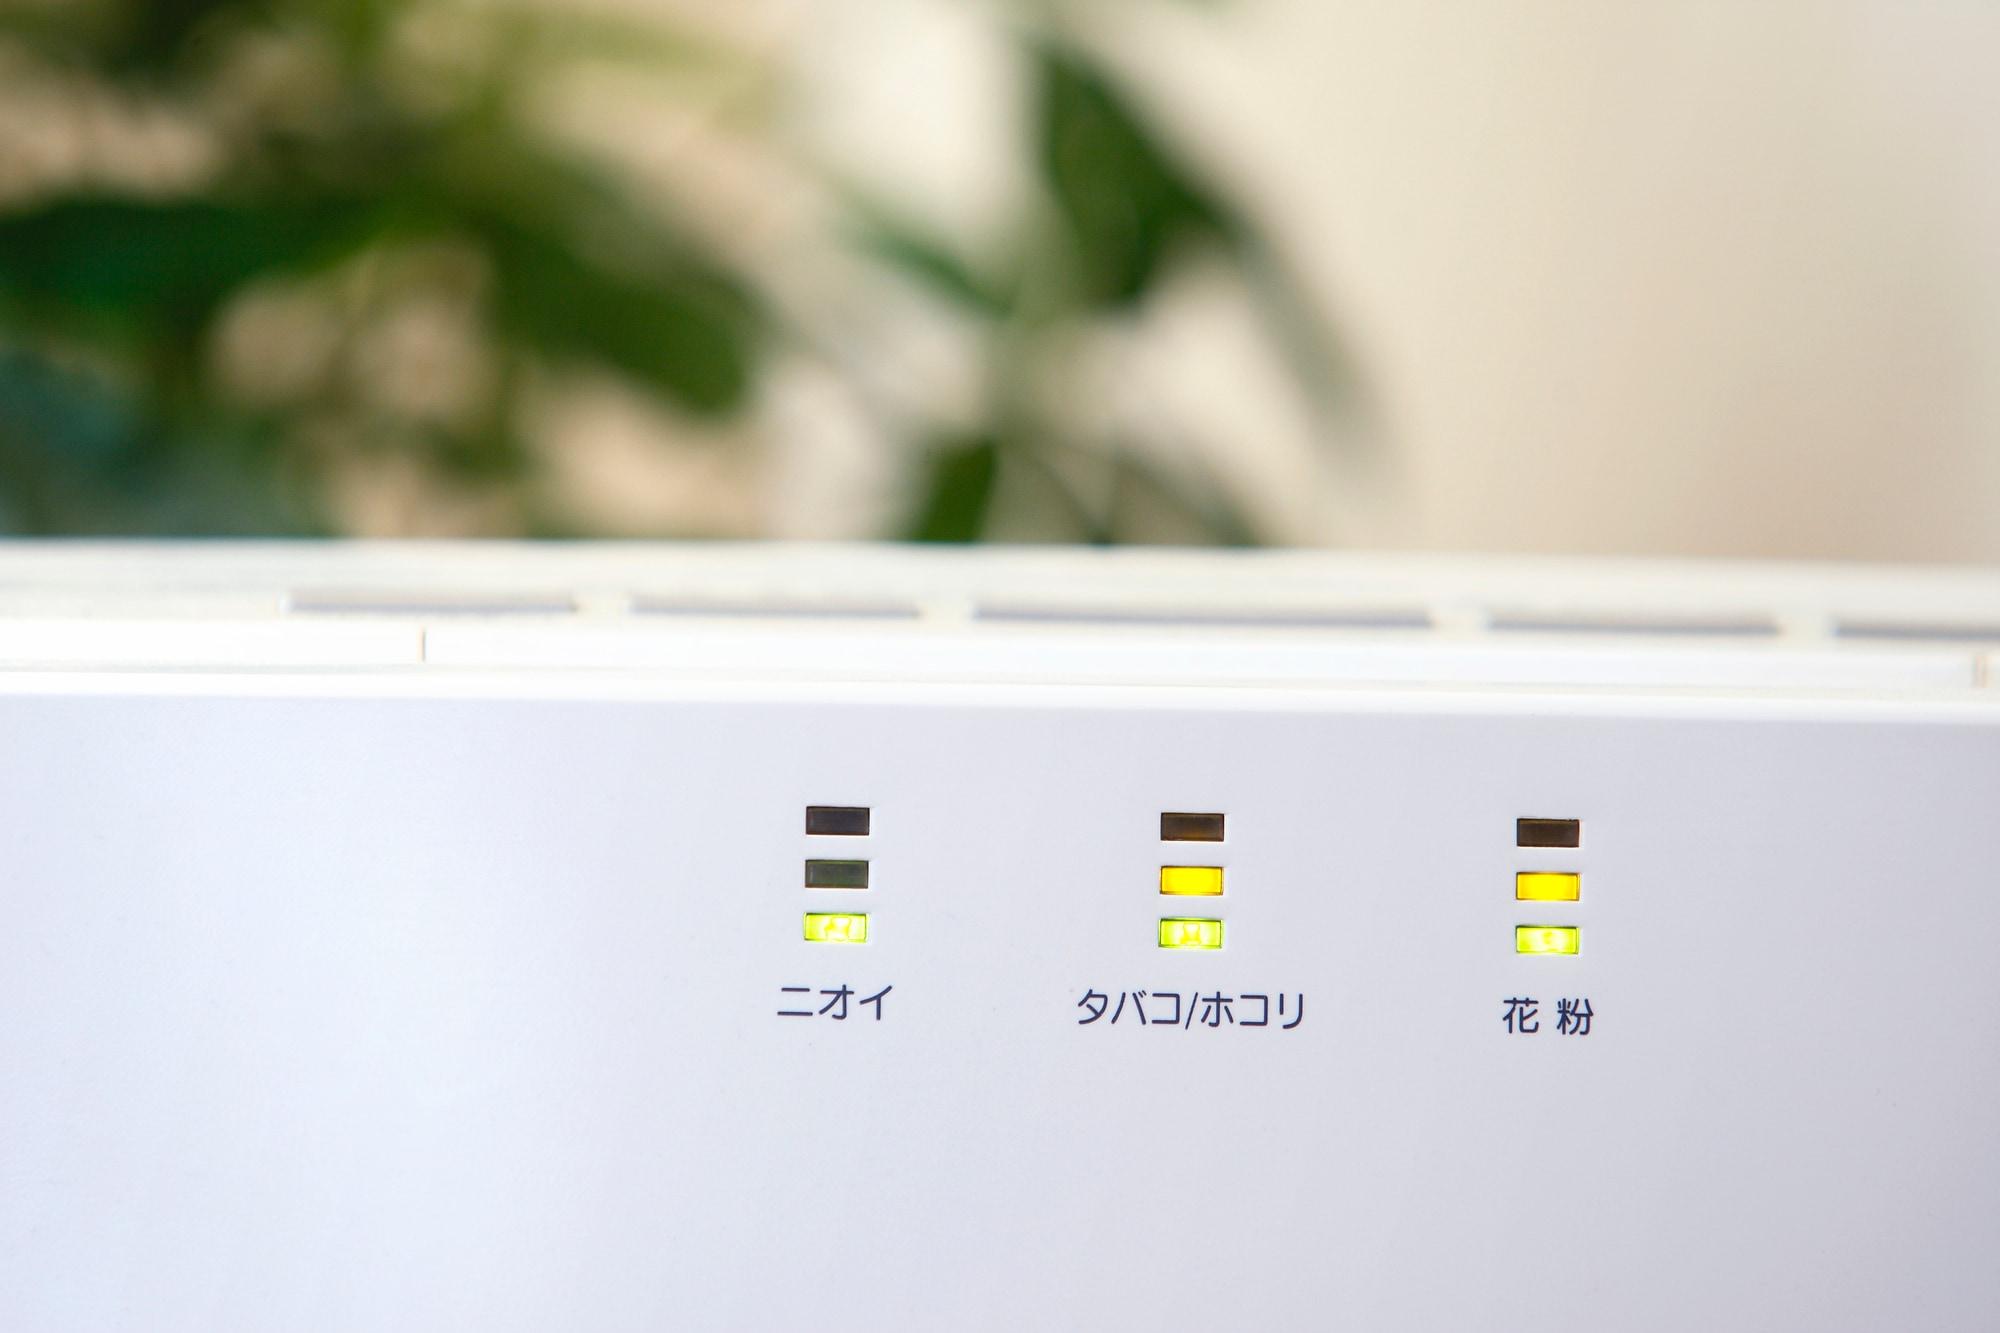 家電のプロが徹底解説!「空気清浄機」選びの基礎知識